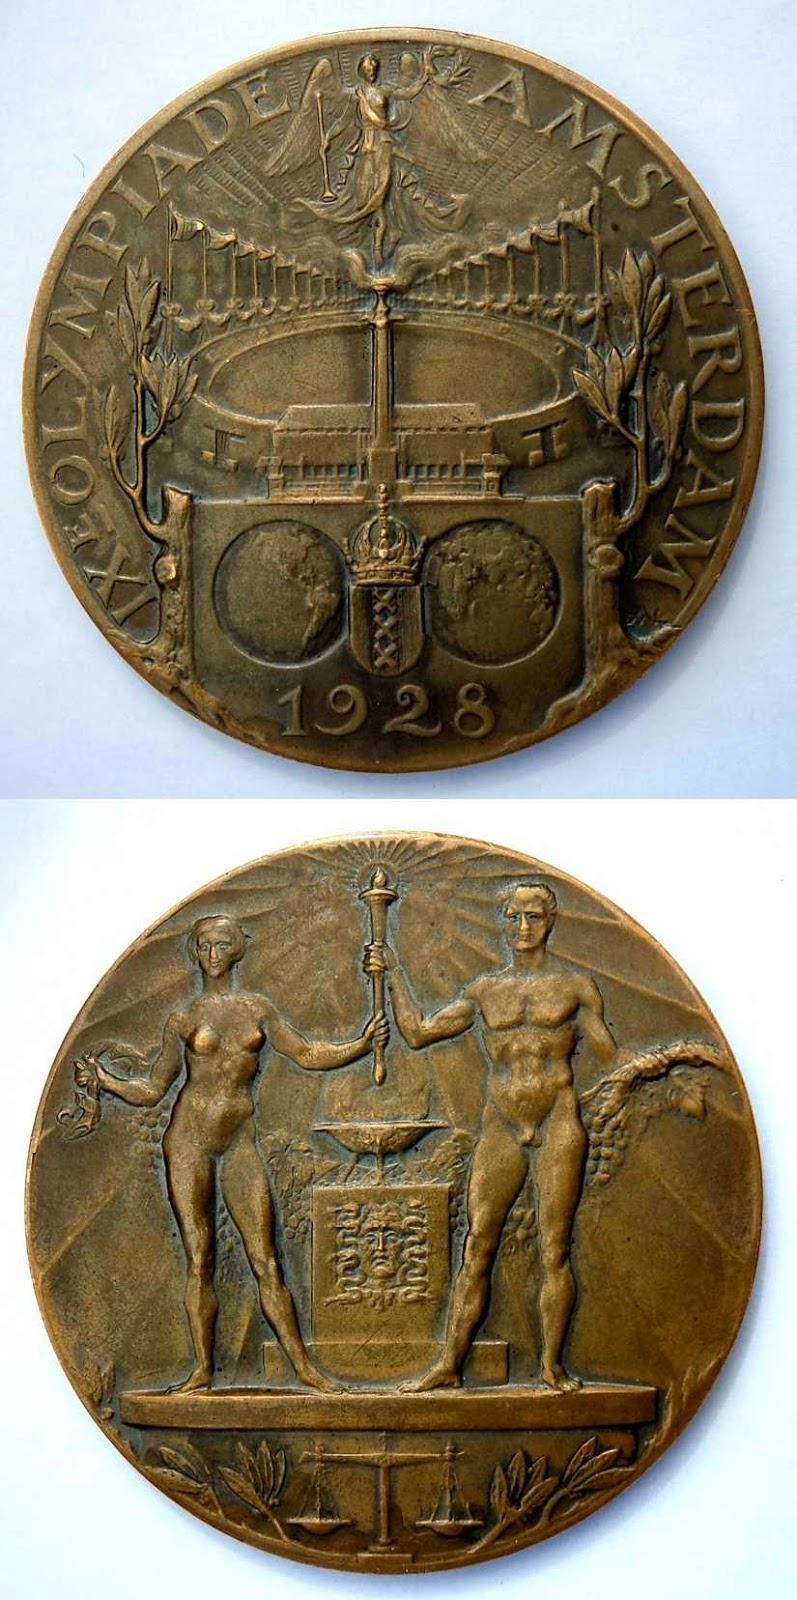 Medalla Juegos Olímpicos de Ámsterdam 1928